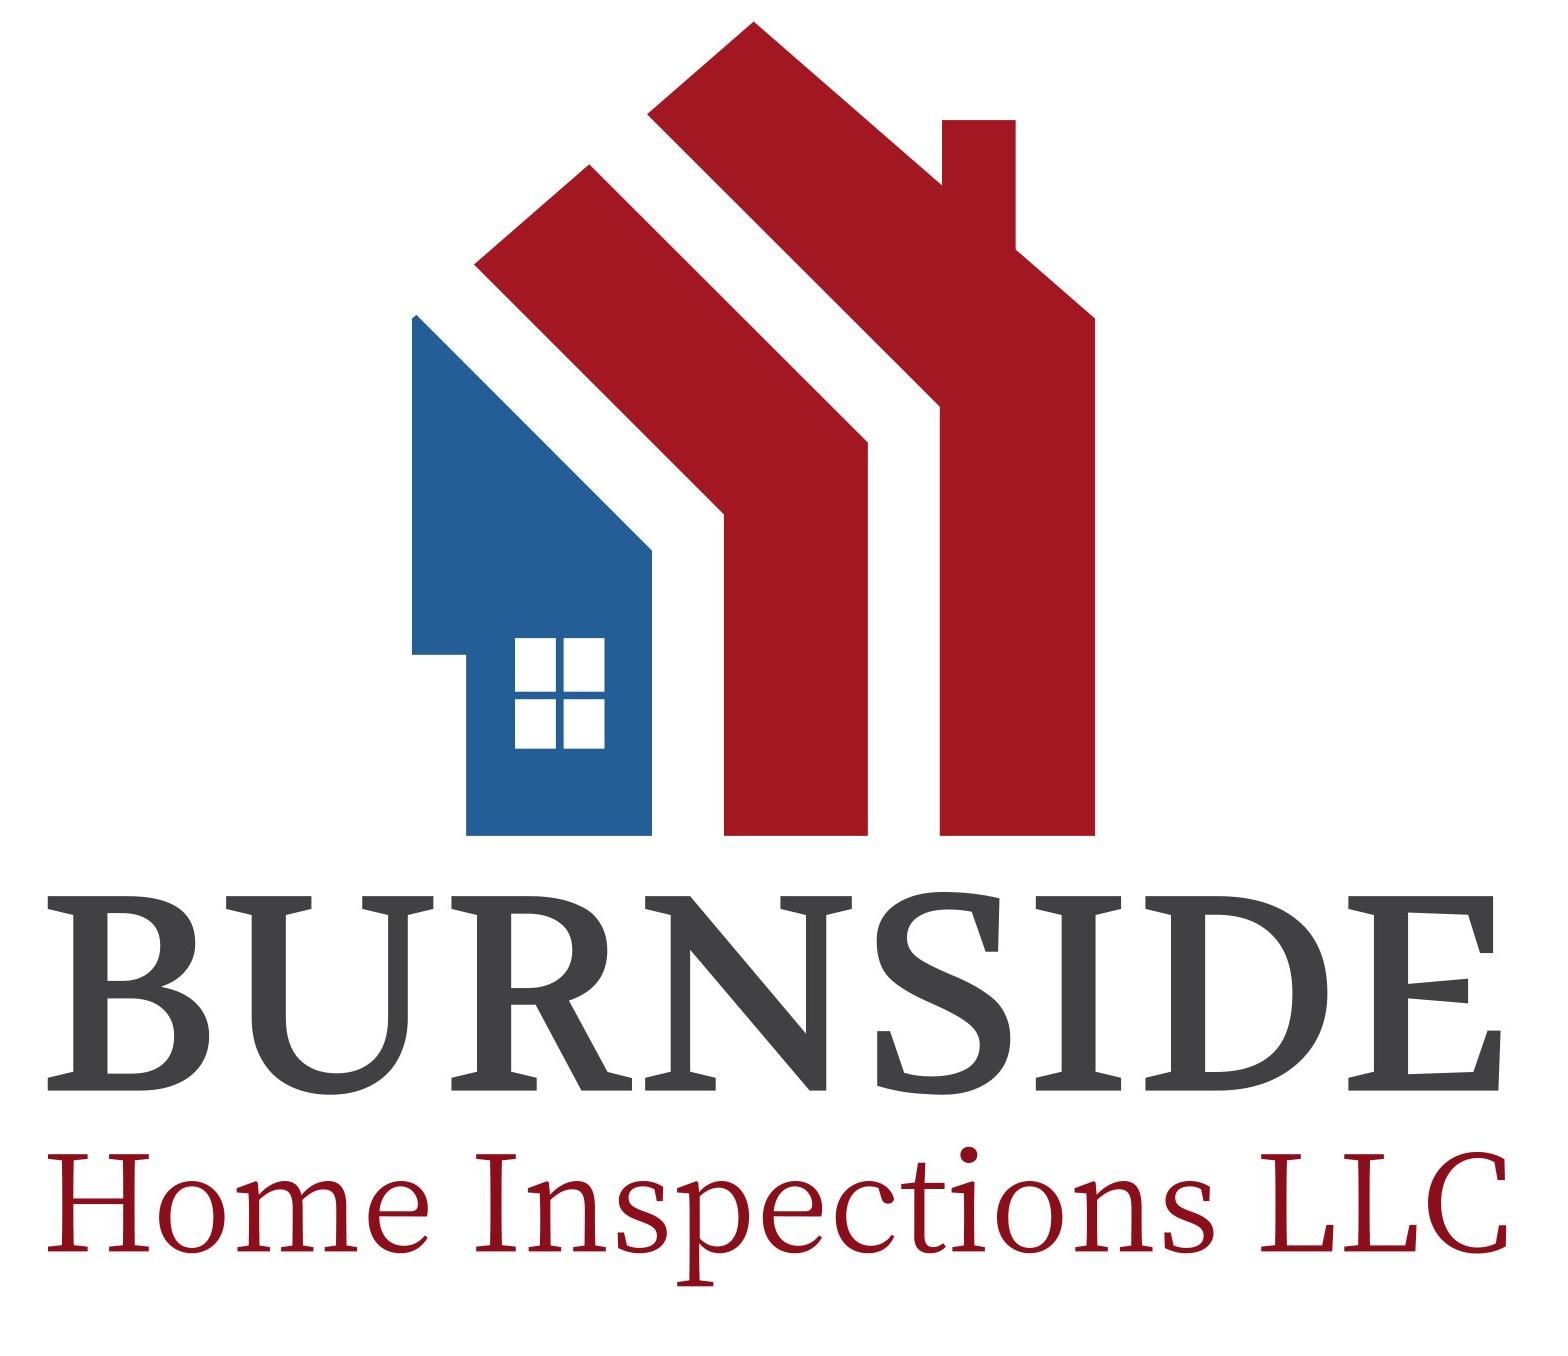 BURNSIDE Home Inspections LLC